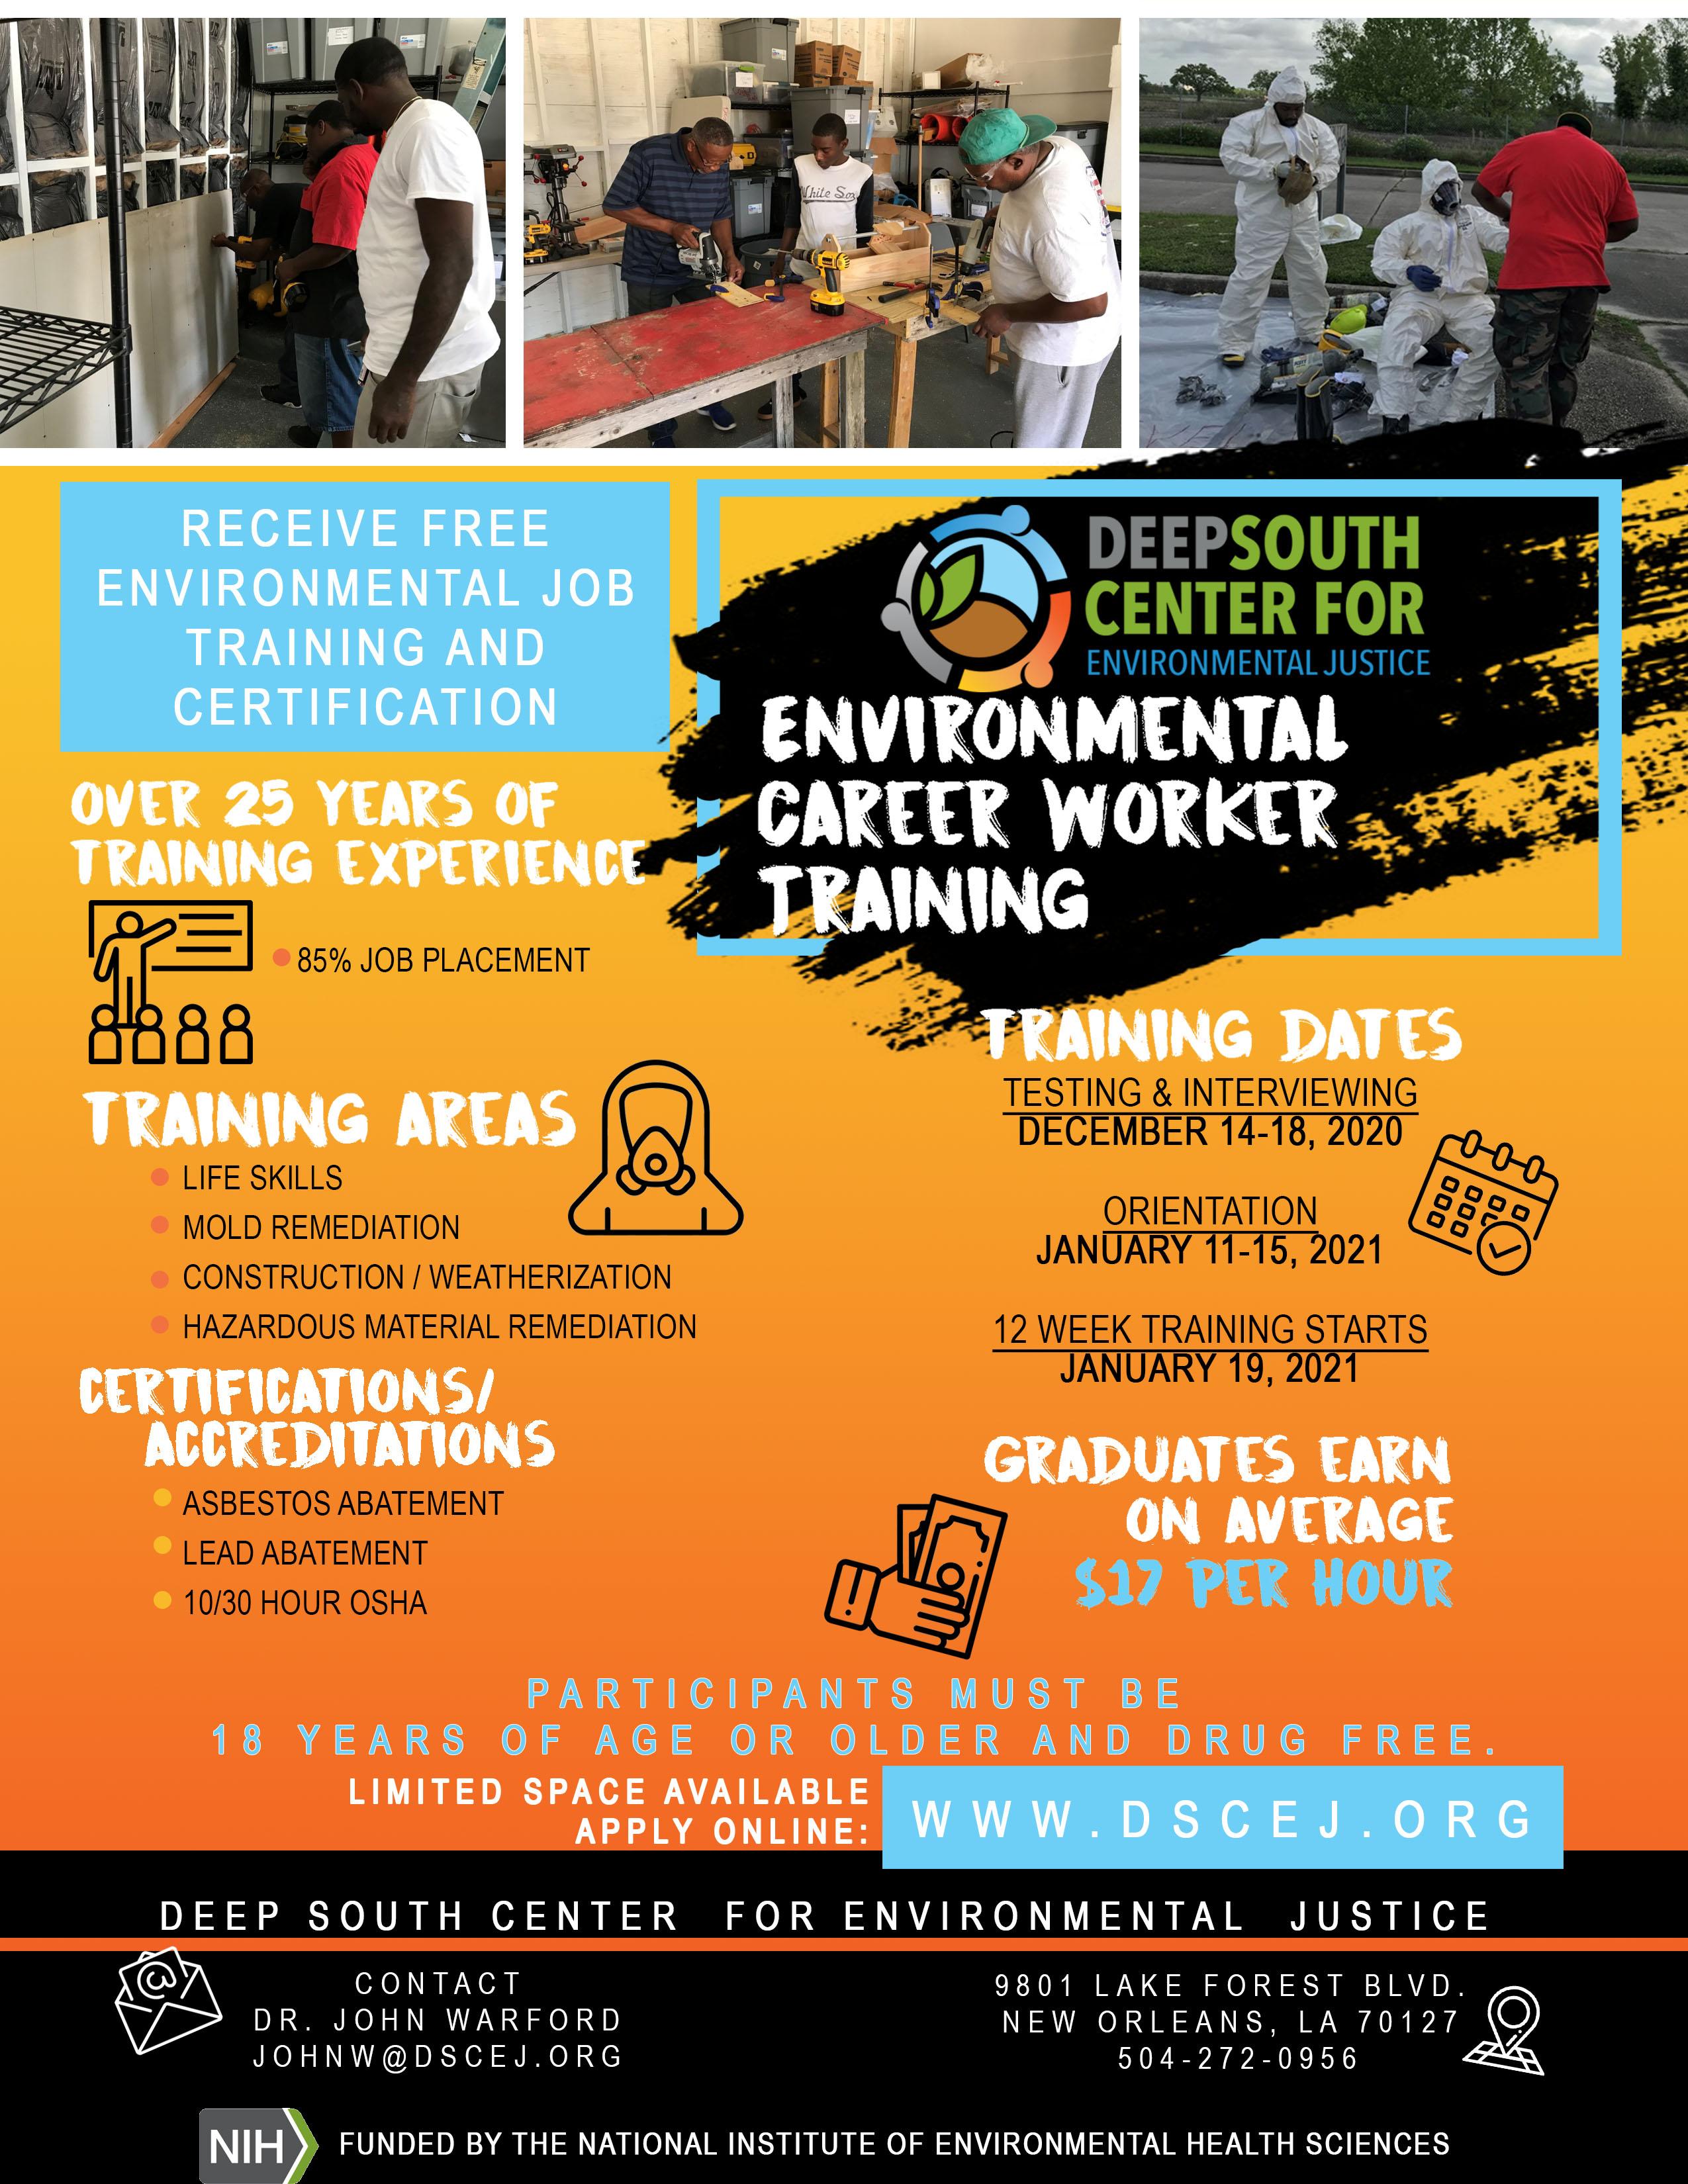 DSCEJ ECWTP flyer - 11-16-20